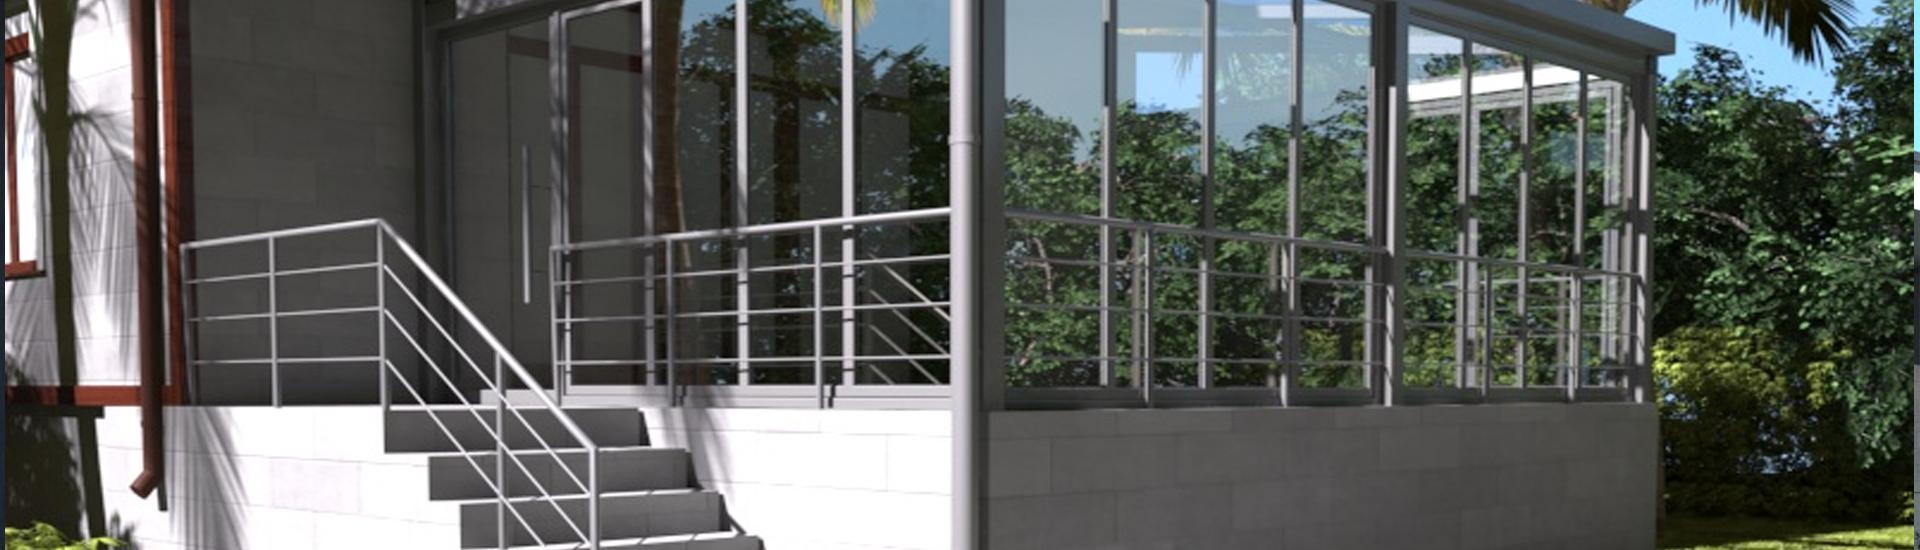 Metroer Cam Balcony Systems